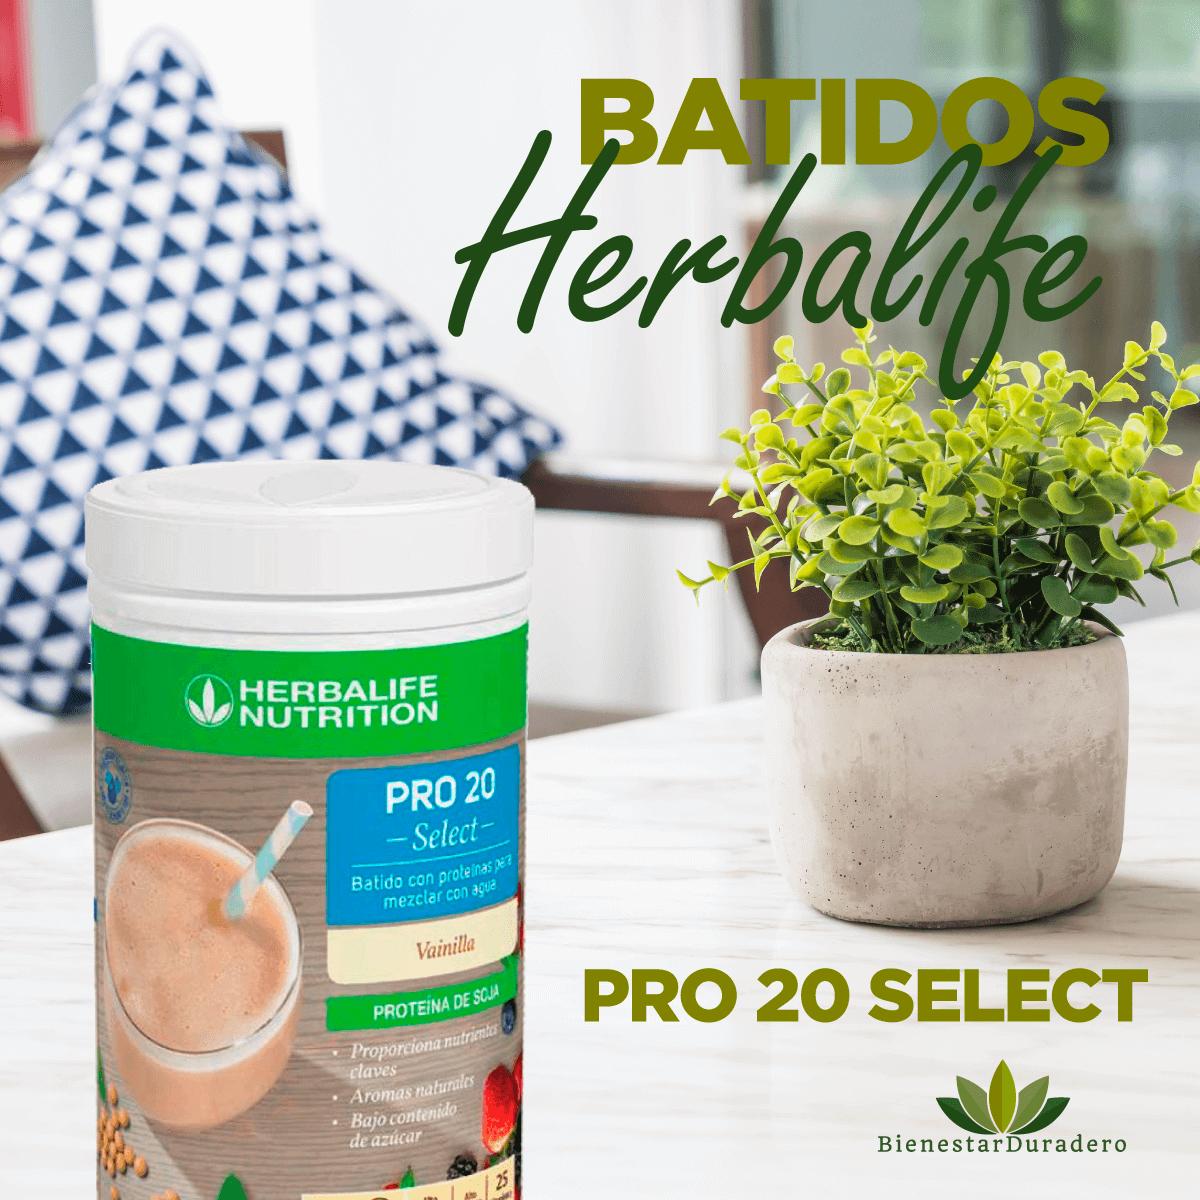 Batidos Herbalife con mayor aporte proteico